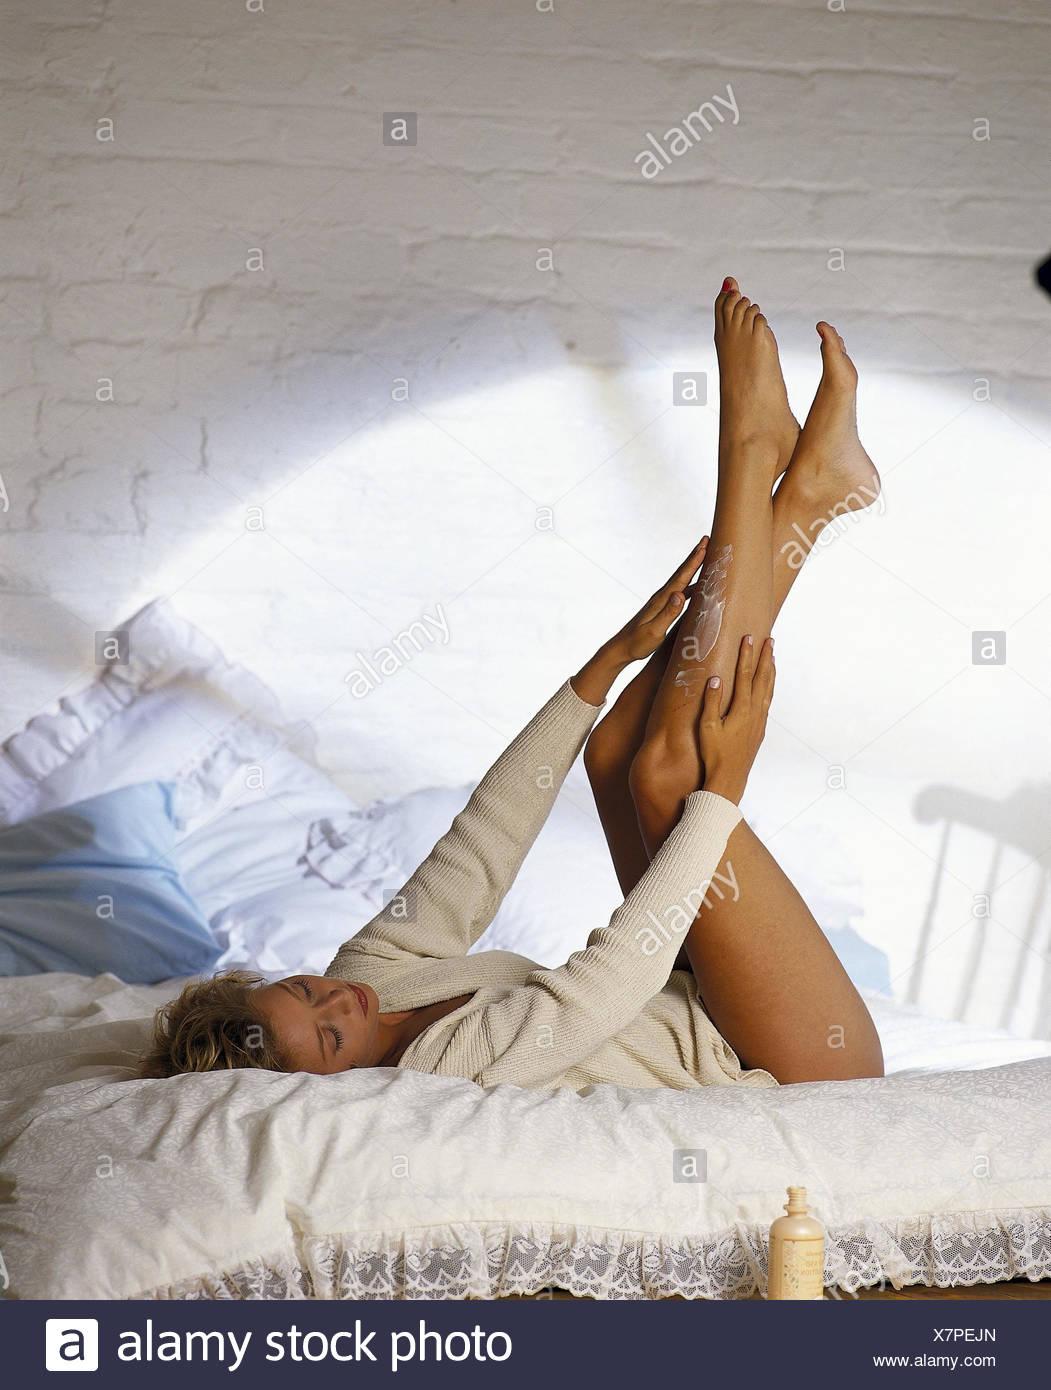 Massagen Bett Pflege Schönheit Bett Kommerziellen Möbel